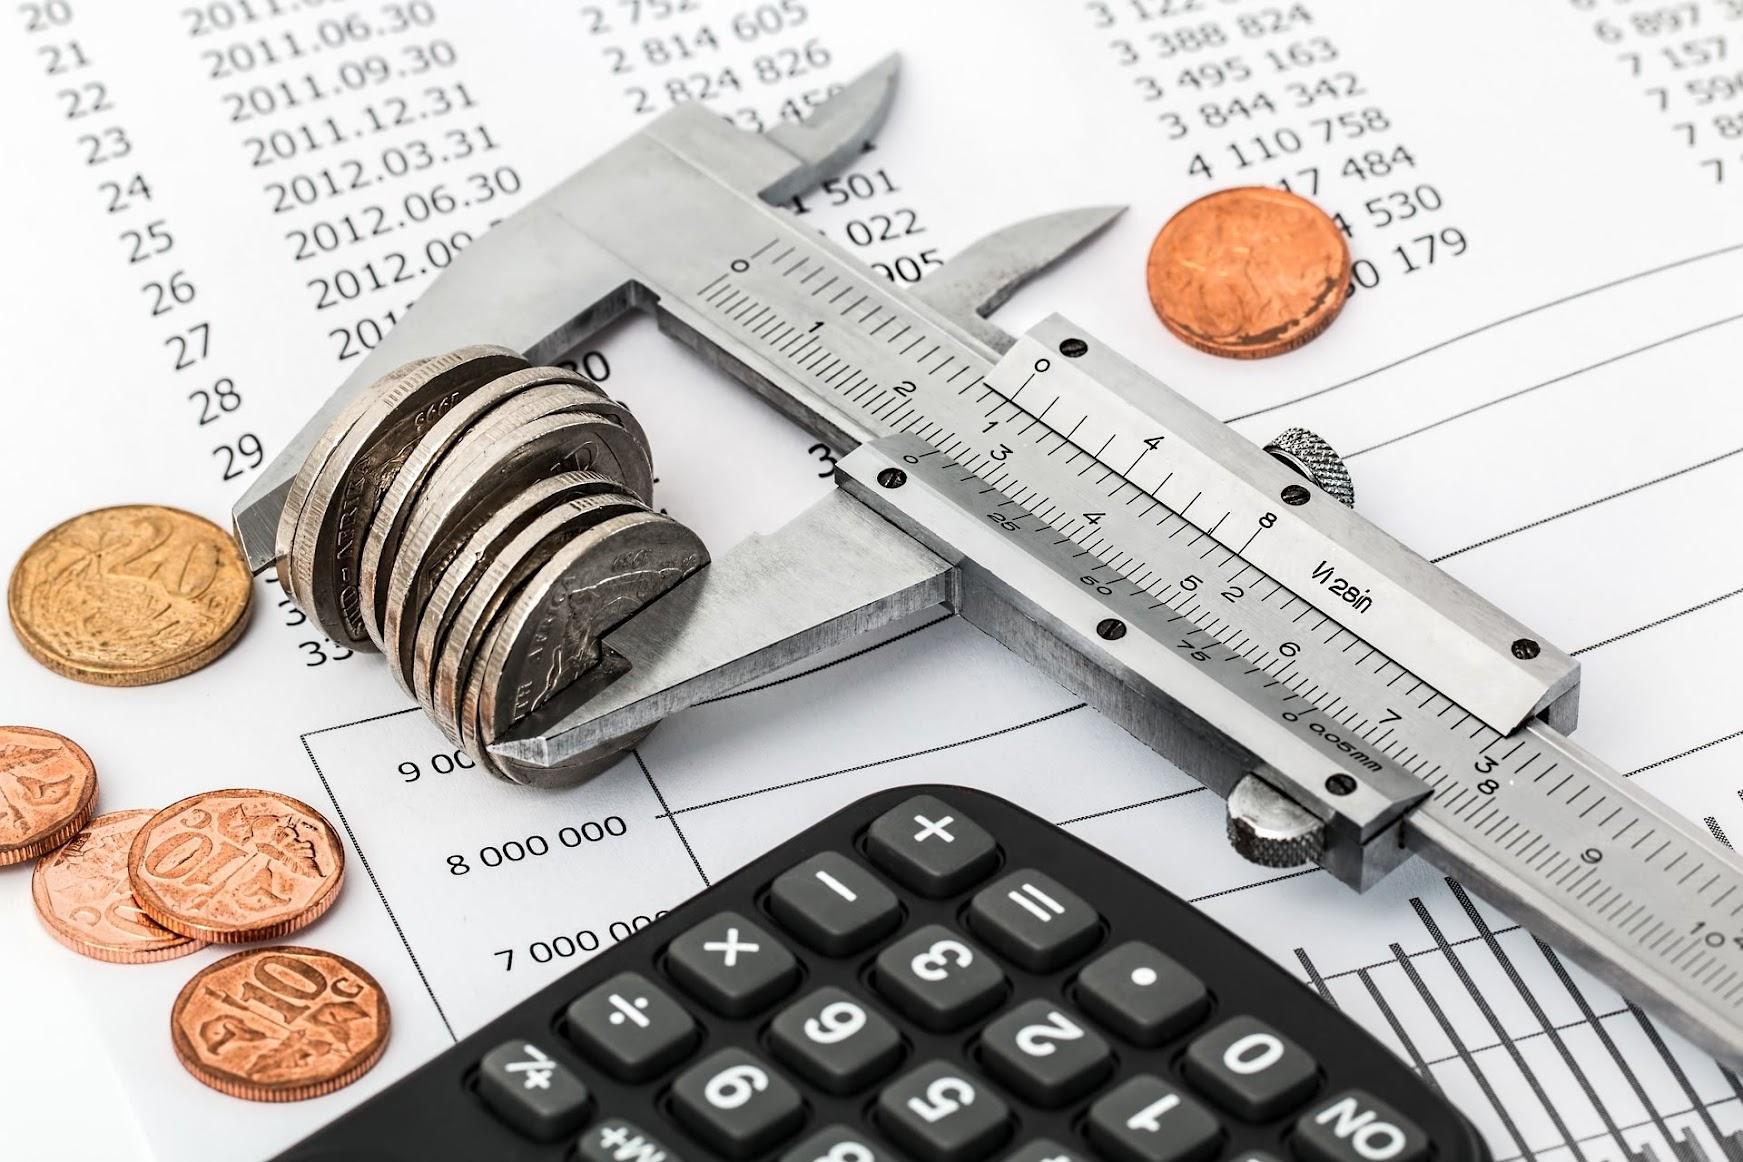 初回利用者 の 購入金額 はいくら? | 新規顧客 の 平均購入金額